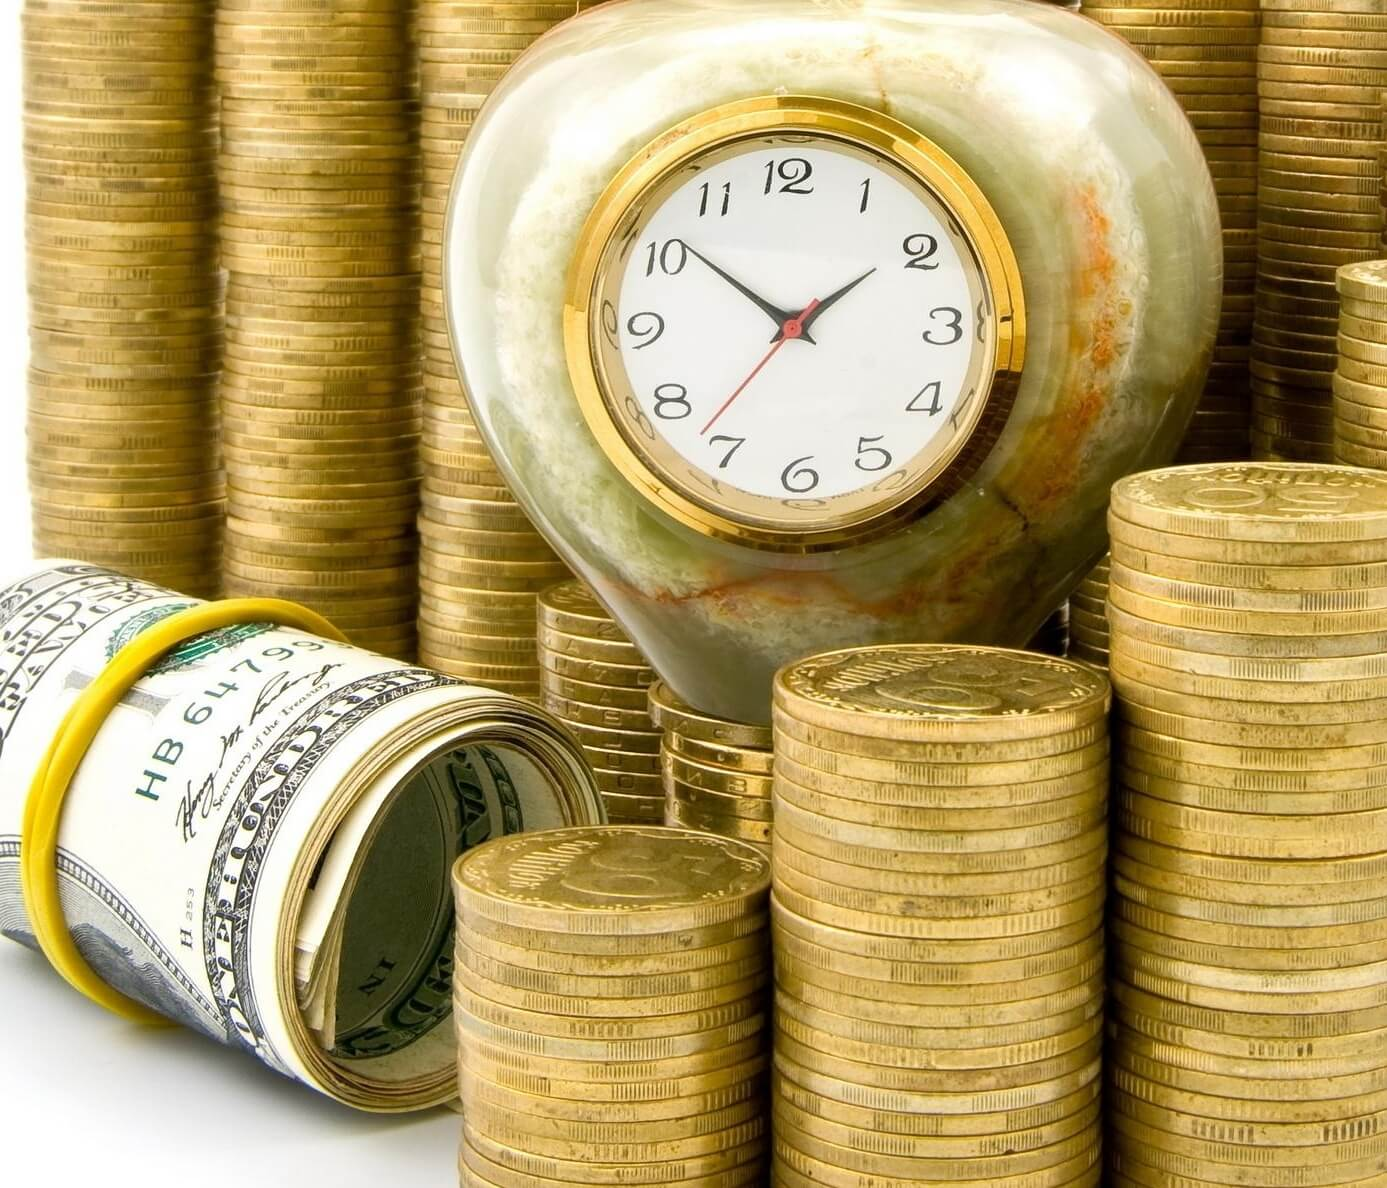 Осторожно! В связи с уменьшением спроса на кредиты банки хитростями навязывают украинцам долги